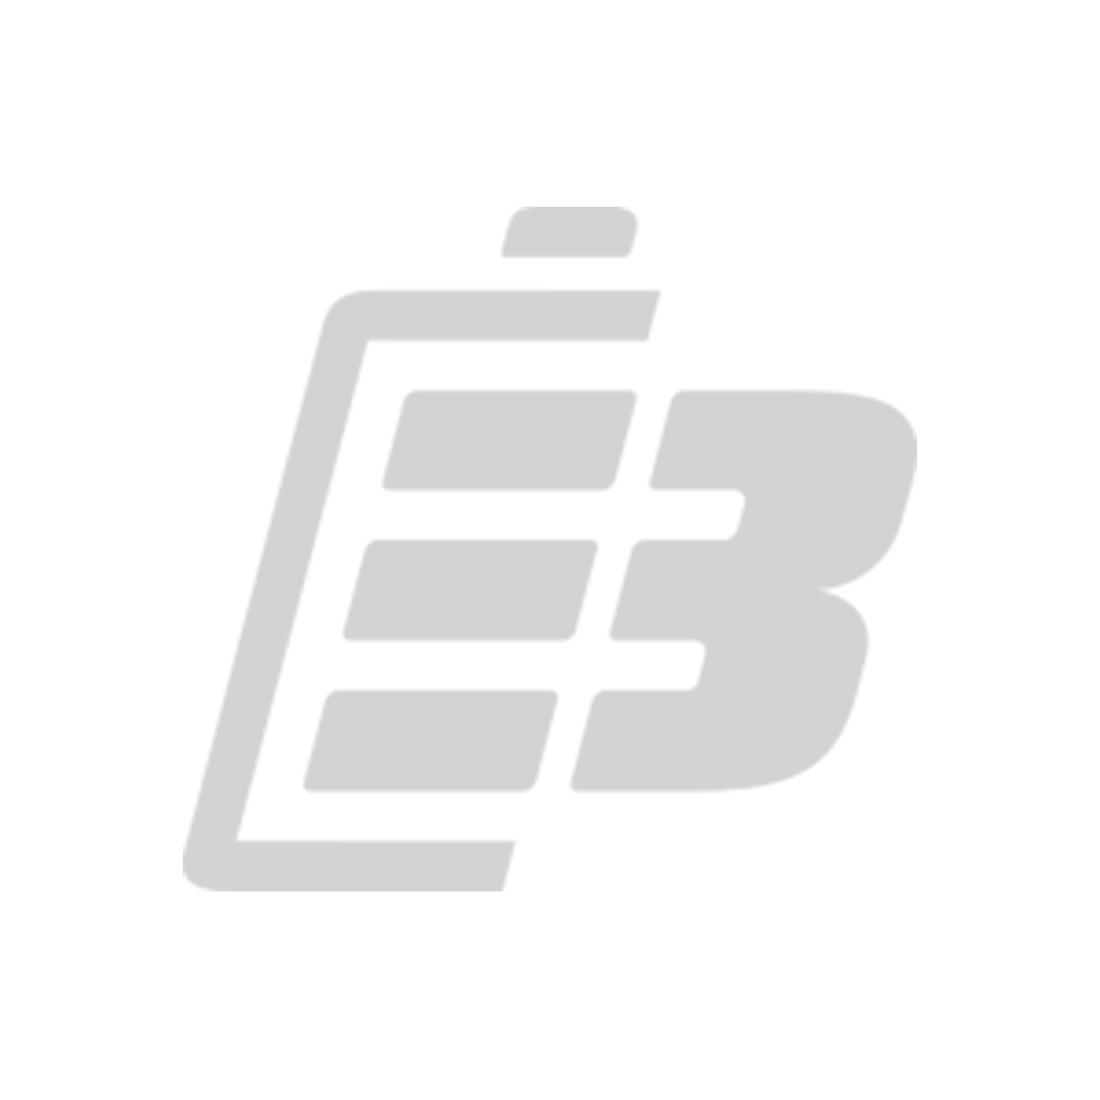 Smartphone battery ZTE Blade G2_1